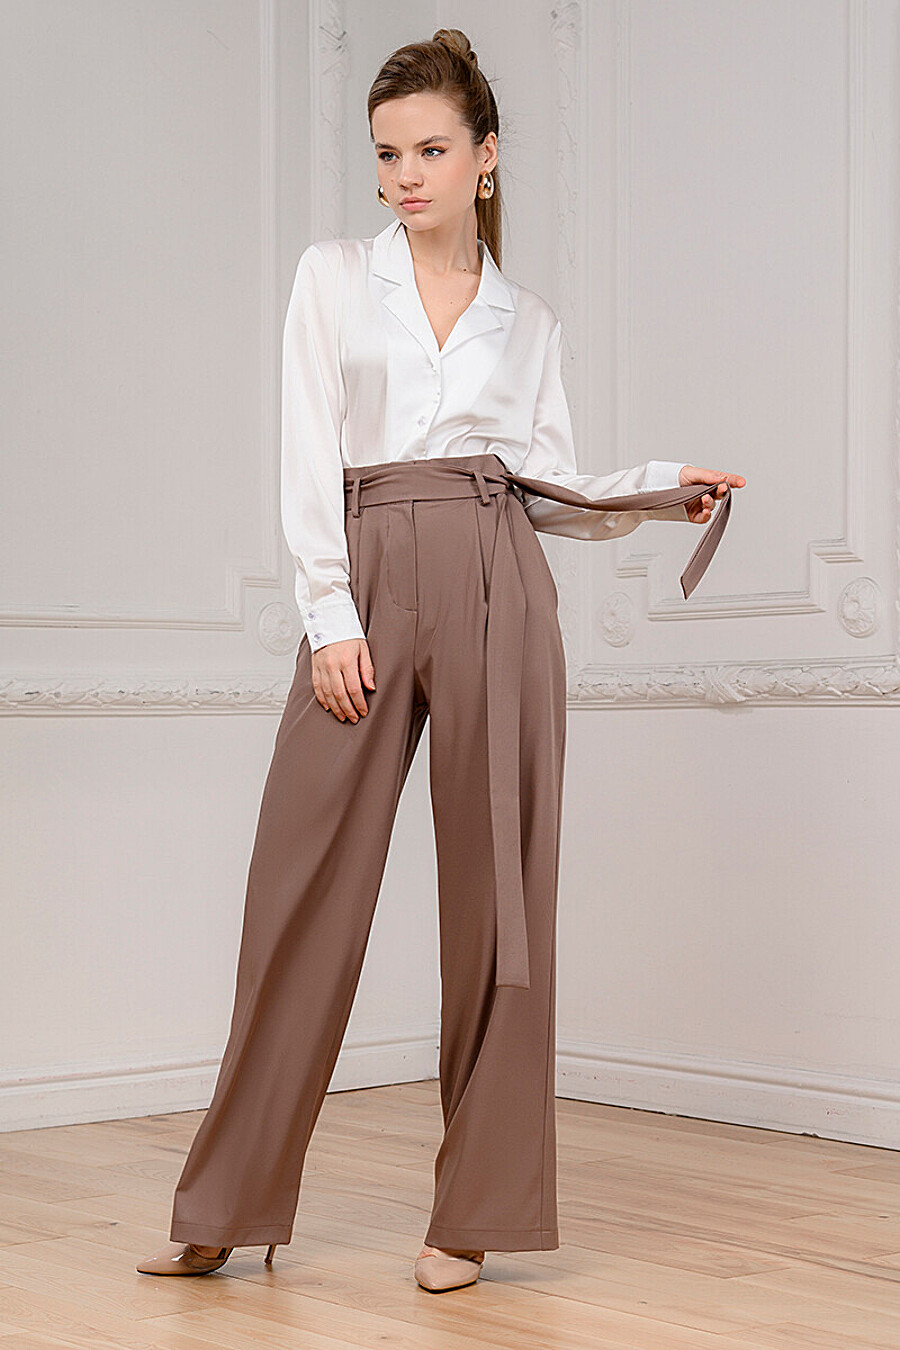 Брюки для женщин 1001 DRESS 707052 купить оптом от производителя. Совместная покупка женской одежды в OptMoyo